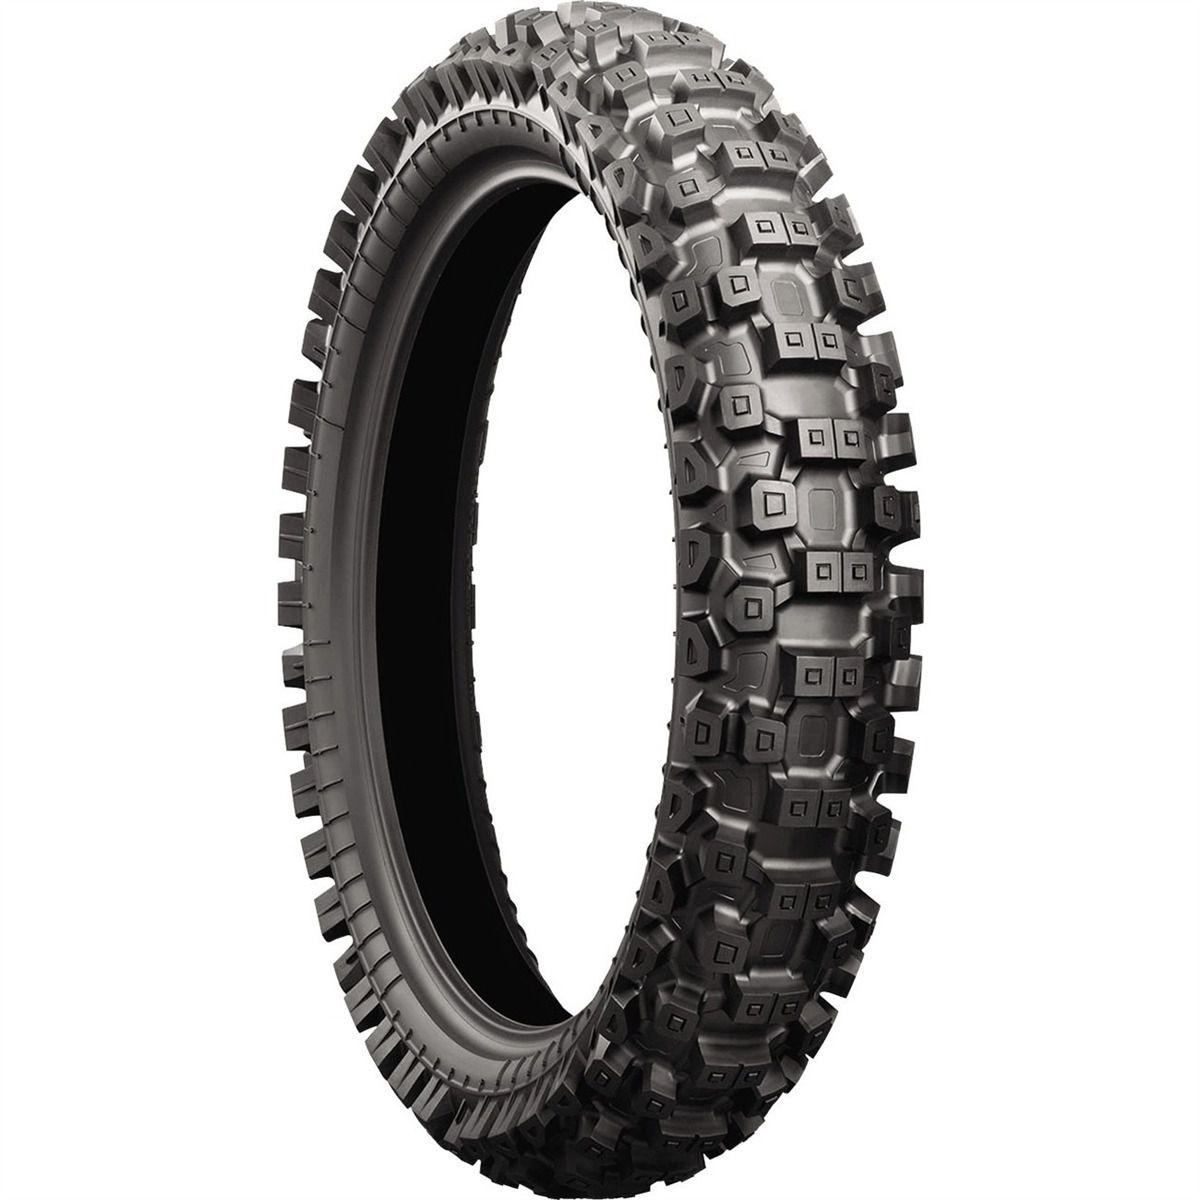 Pneus Bridgestone M403 90/100 R21 e X30 110/110 R18